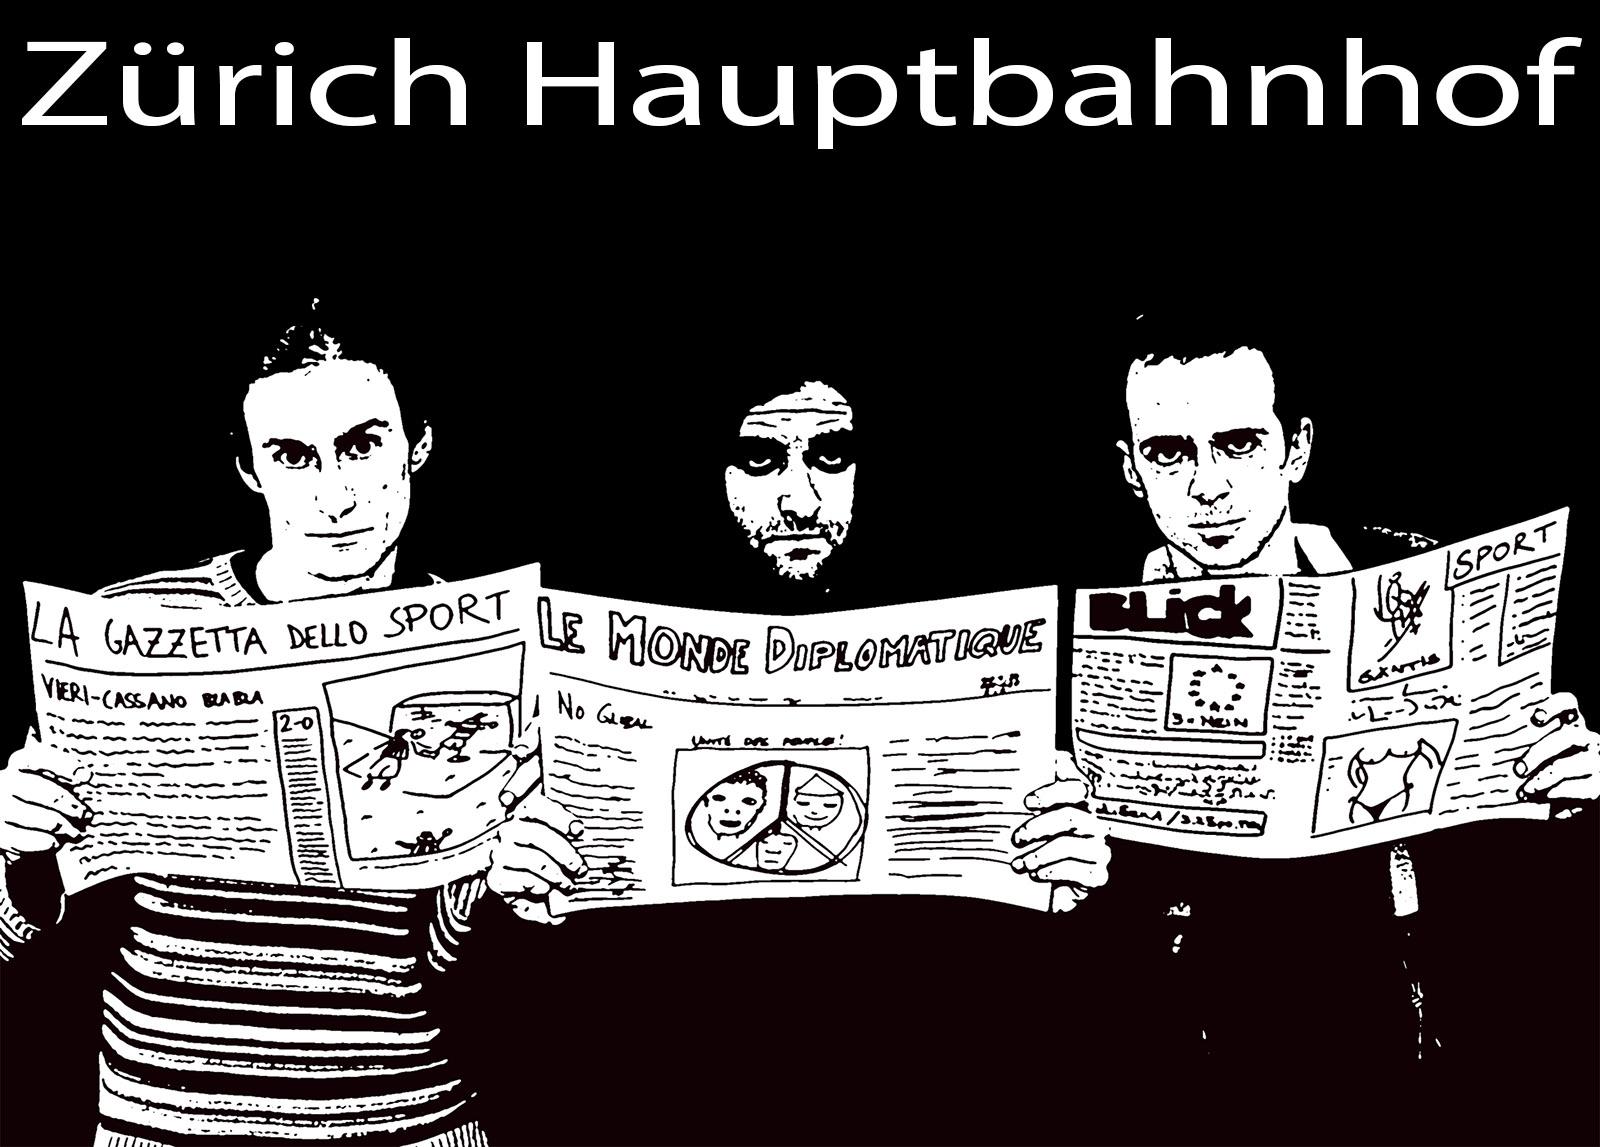 ZHBmanifestoPromo.jpg